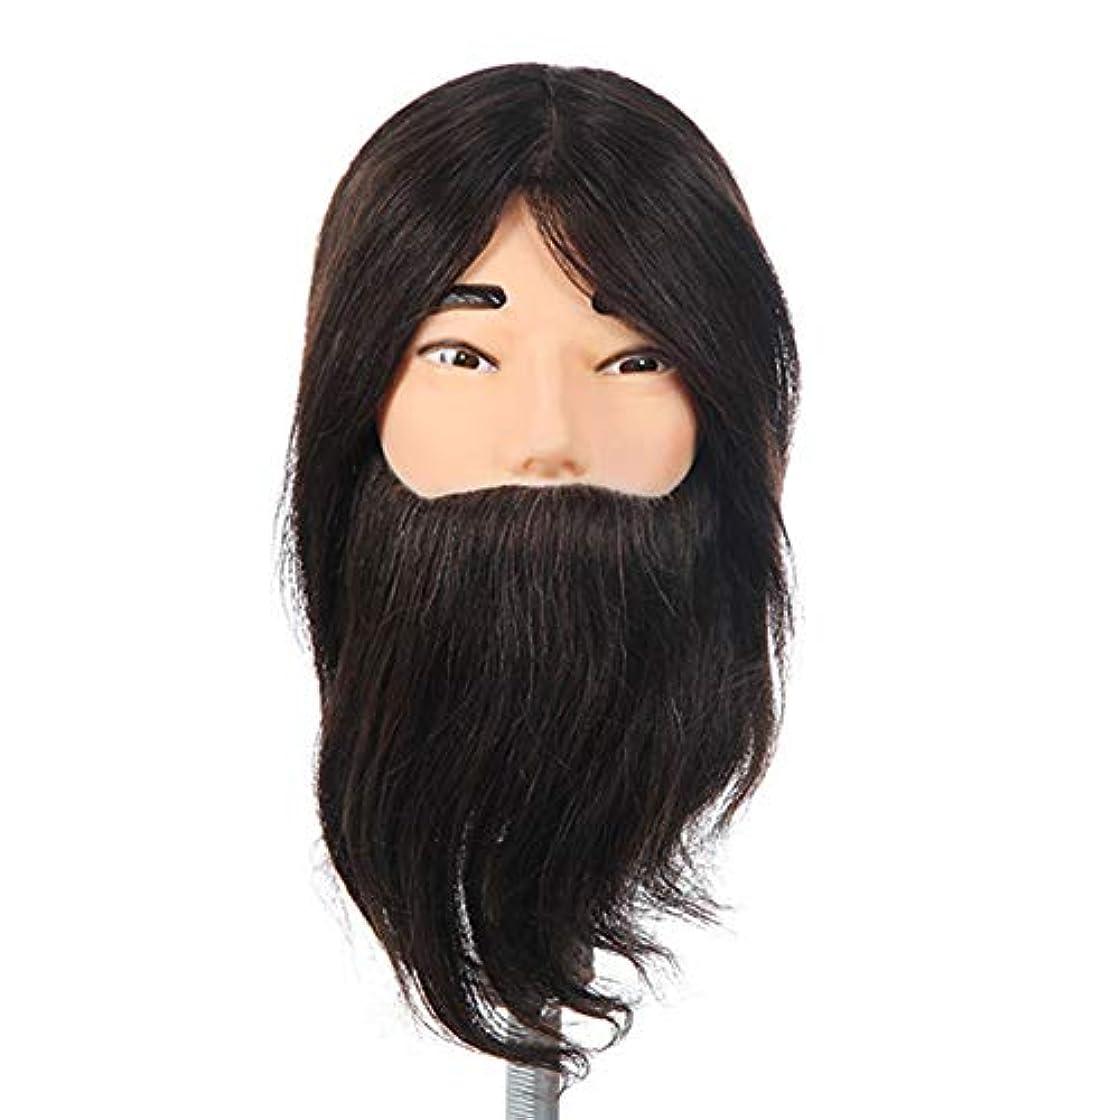 達成可能面白い知覚的リアルヘア練習ヘッドモデルヘアサロントリミングパーマ染毛剤学習ダミーヘッドひげを生やした男性化粧マネキンヘッド